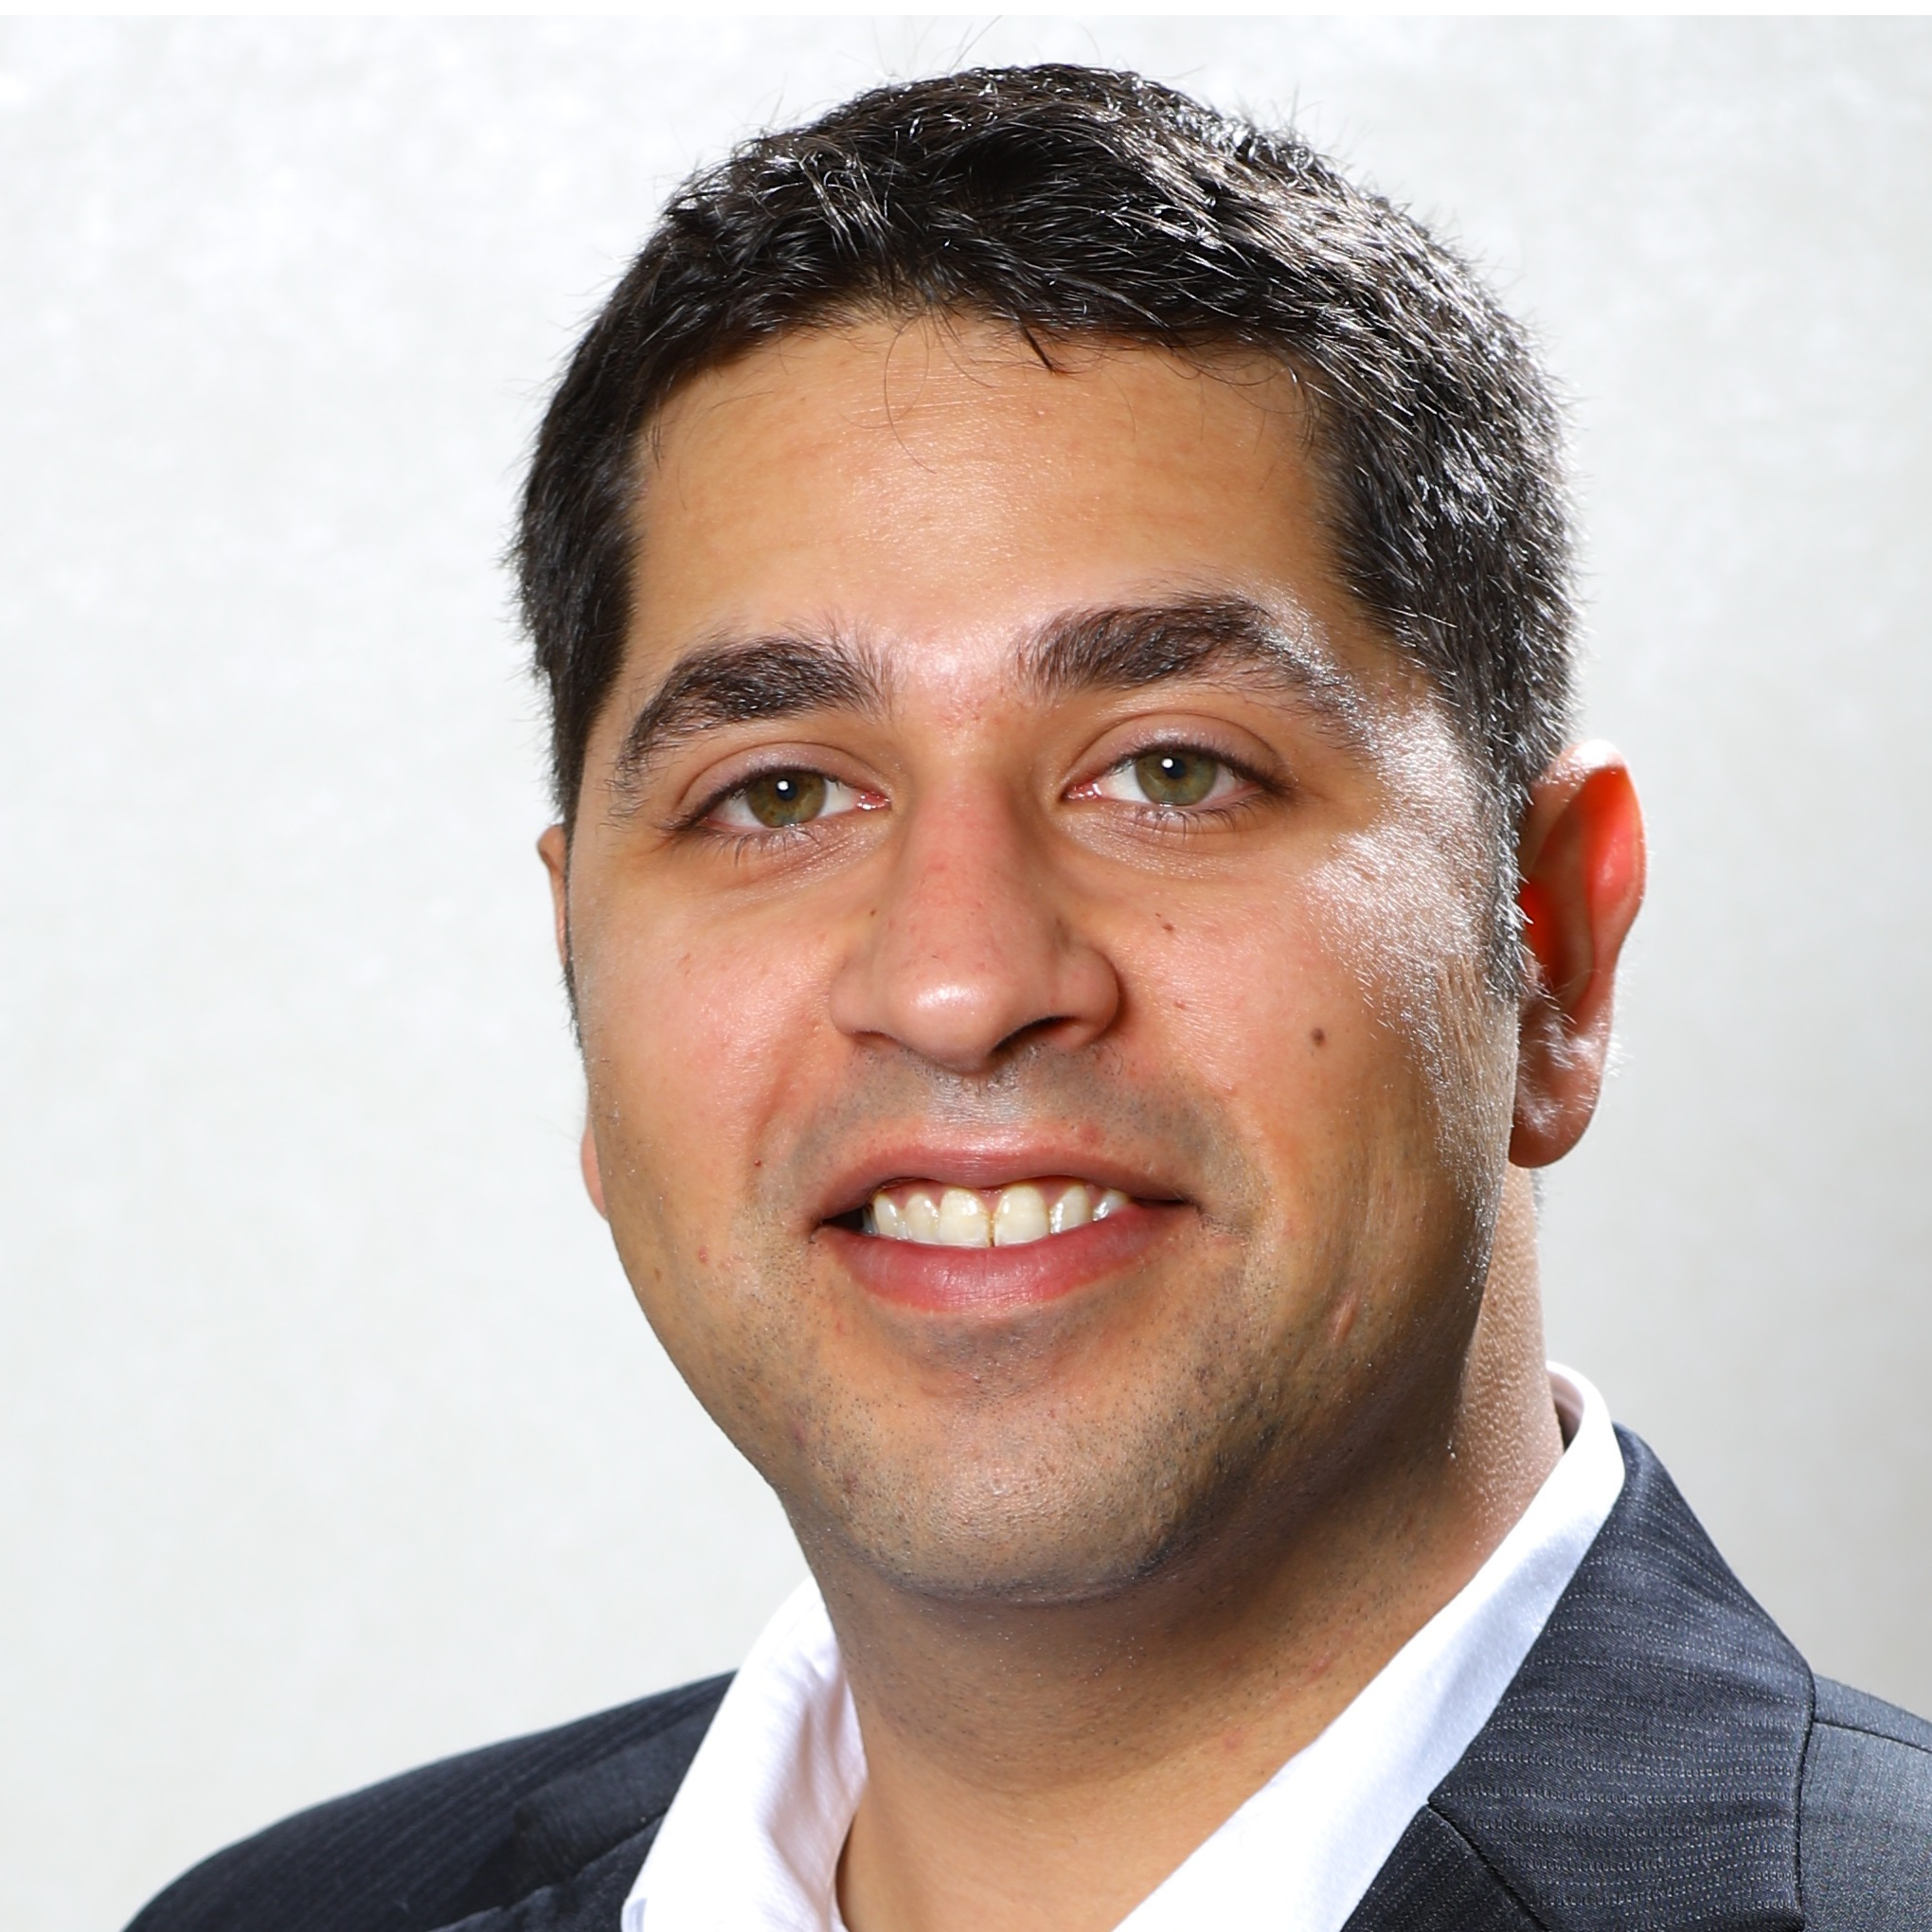 Rahul Jagtiani